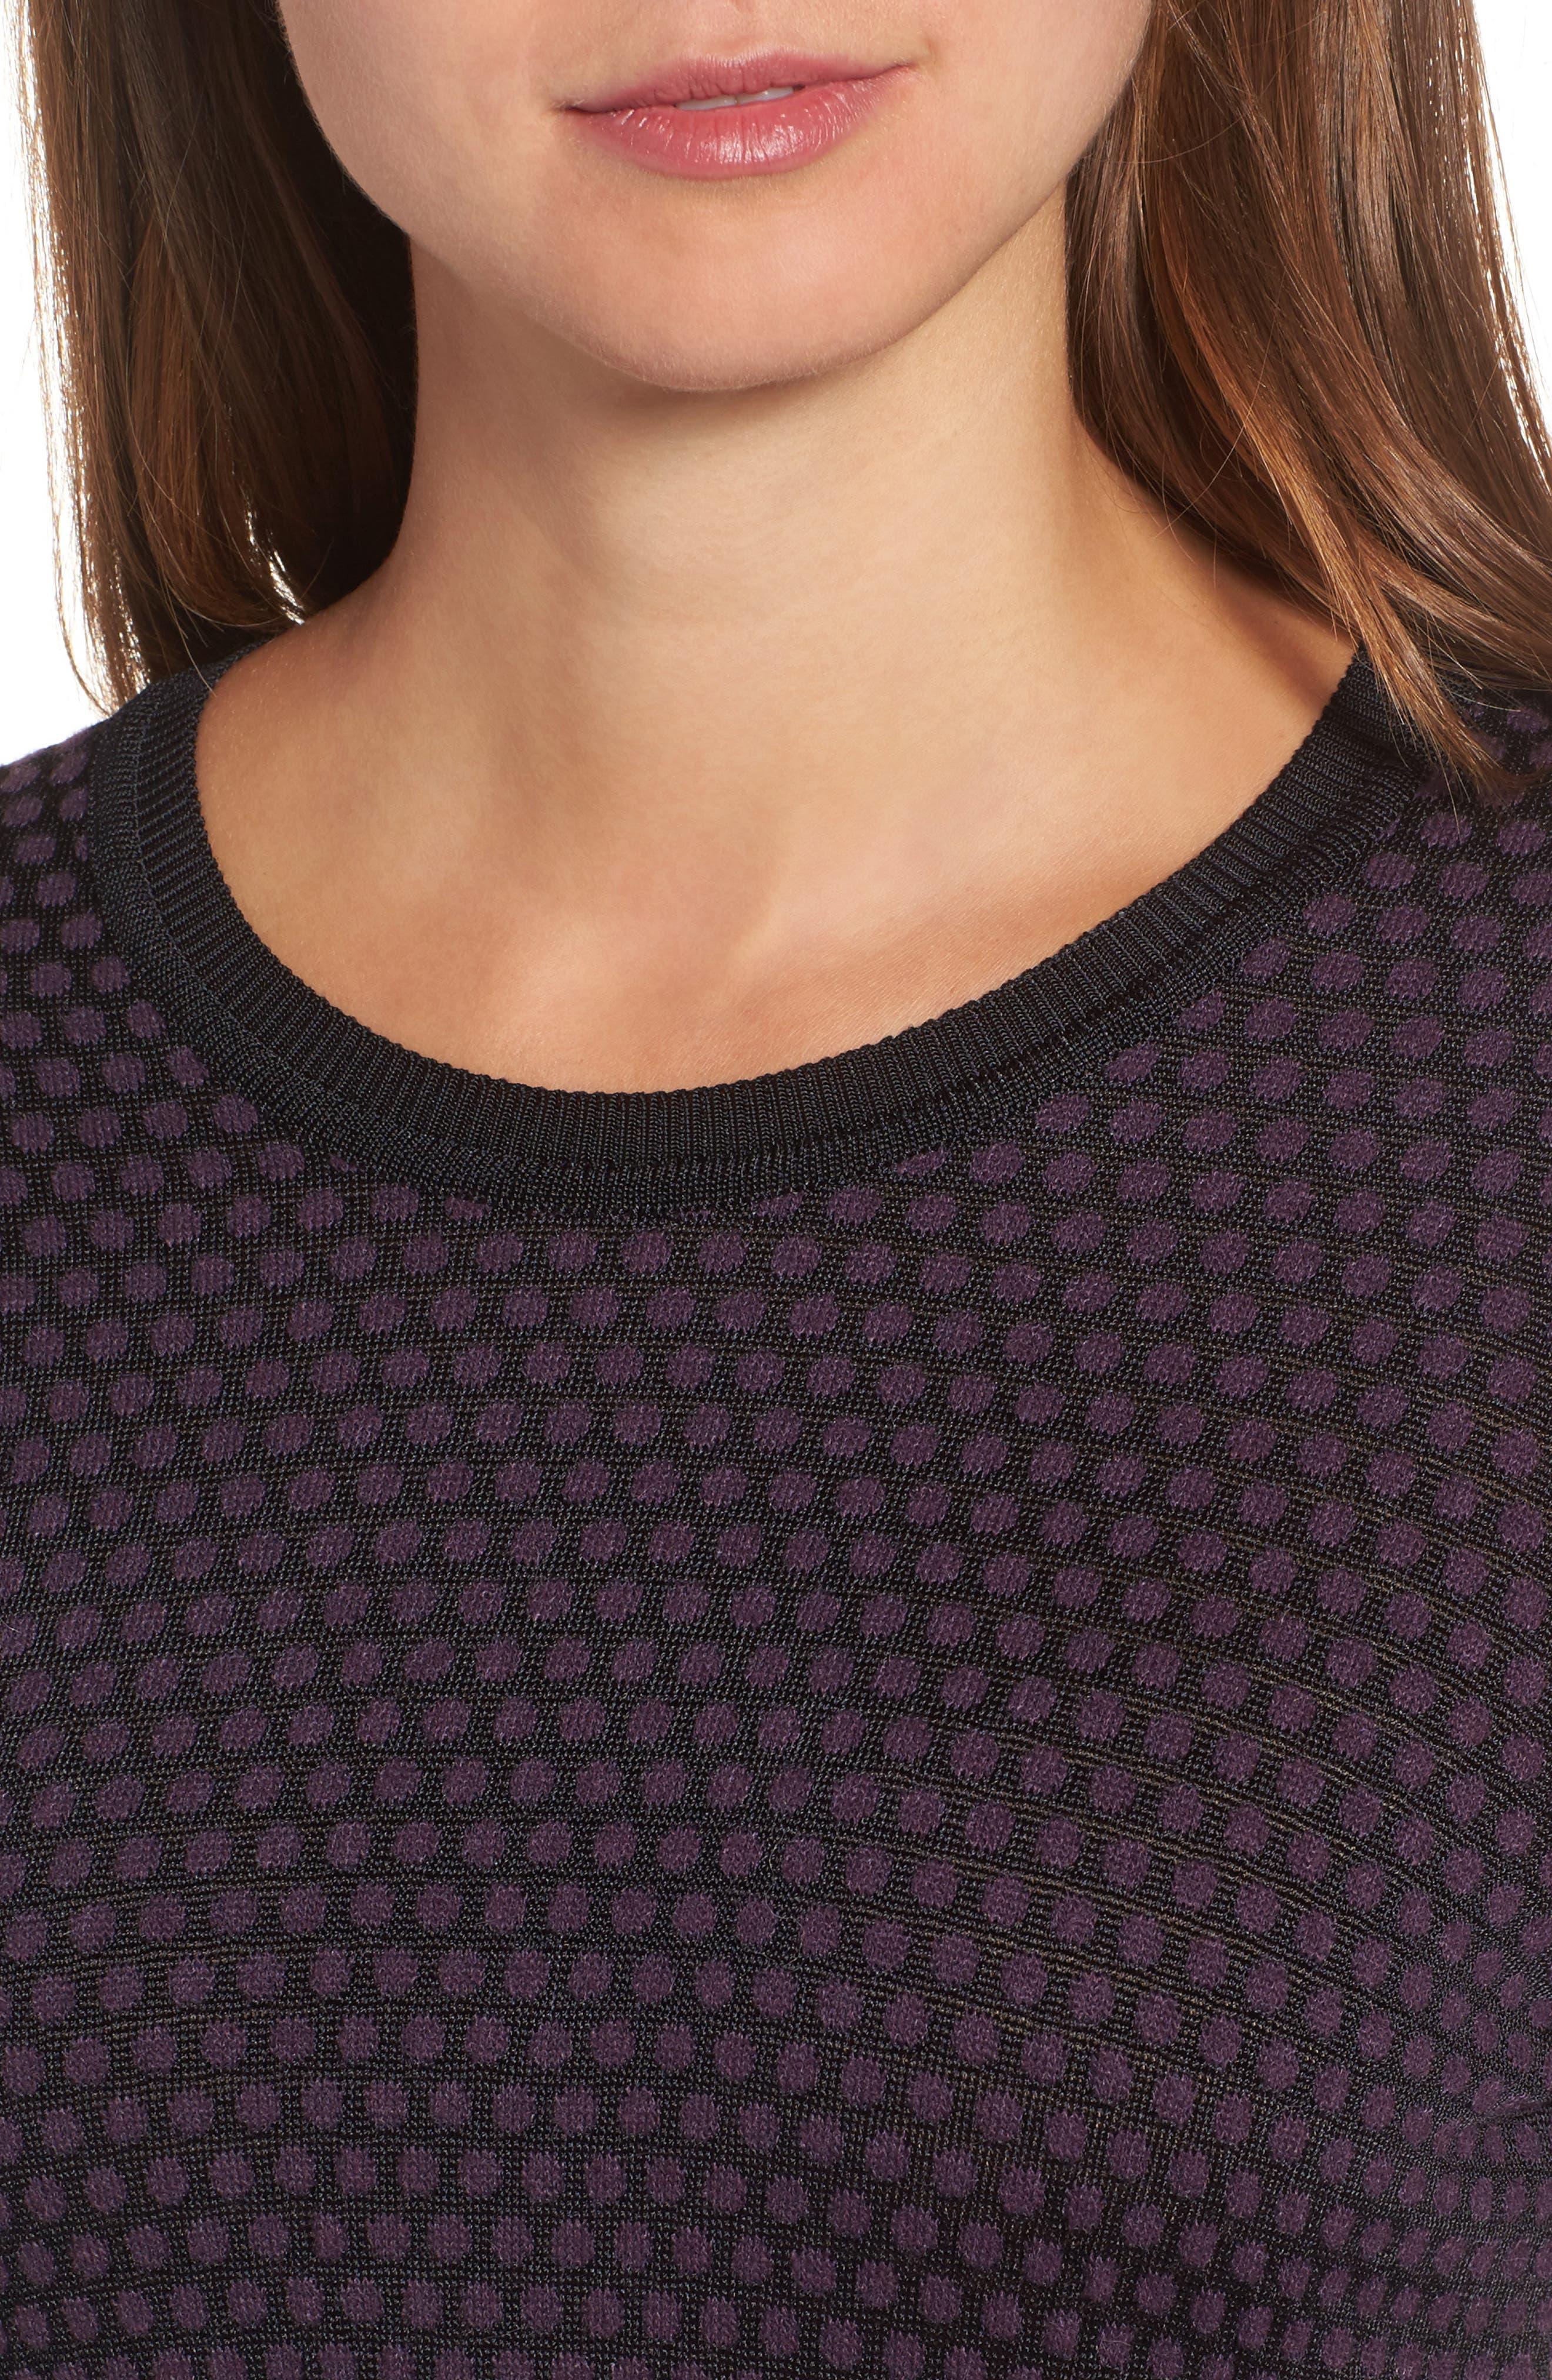 Dot Fielitza Jacquard Sweater,                             Alternate thumbnail 4, color,                             575